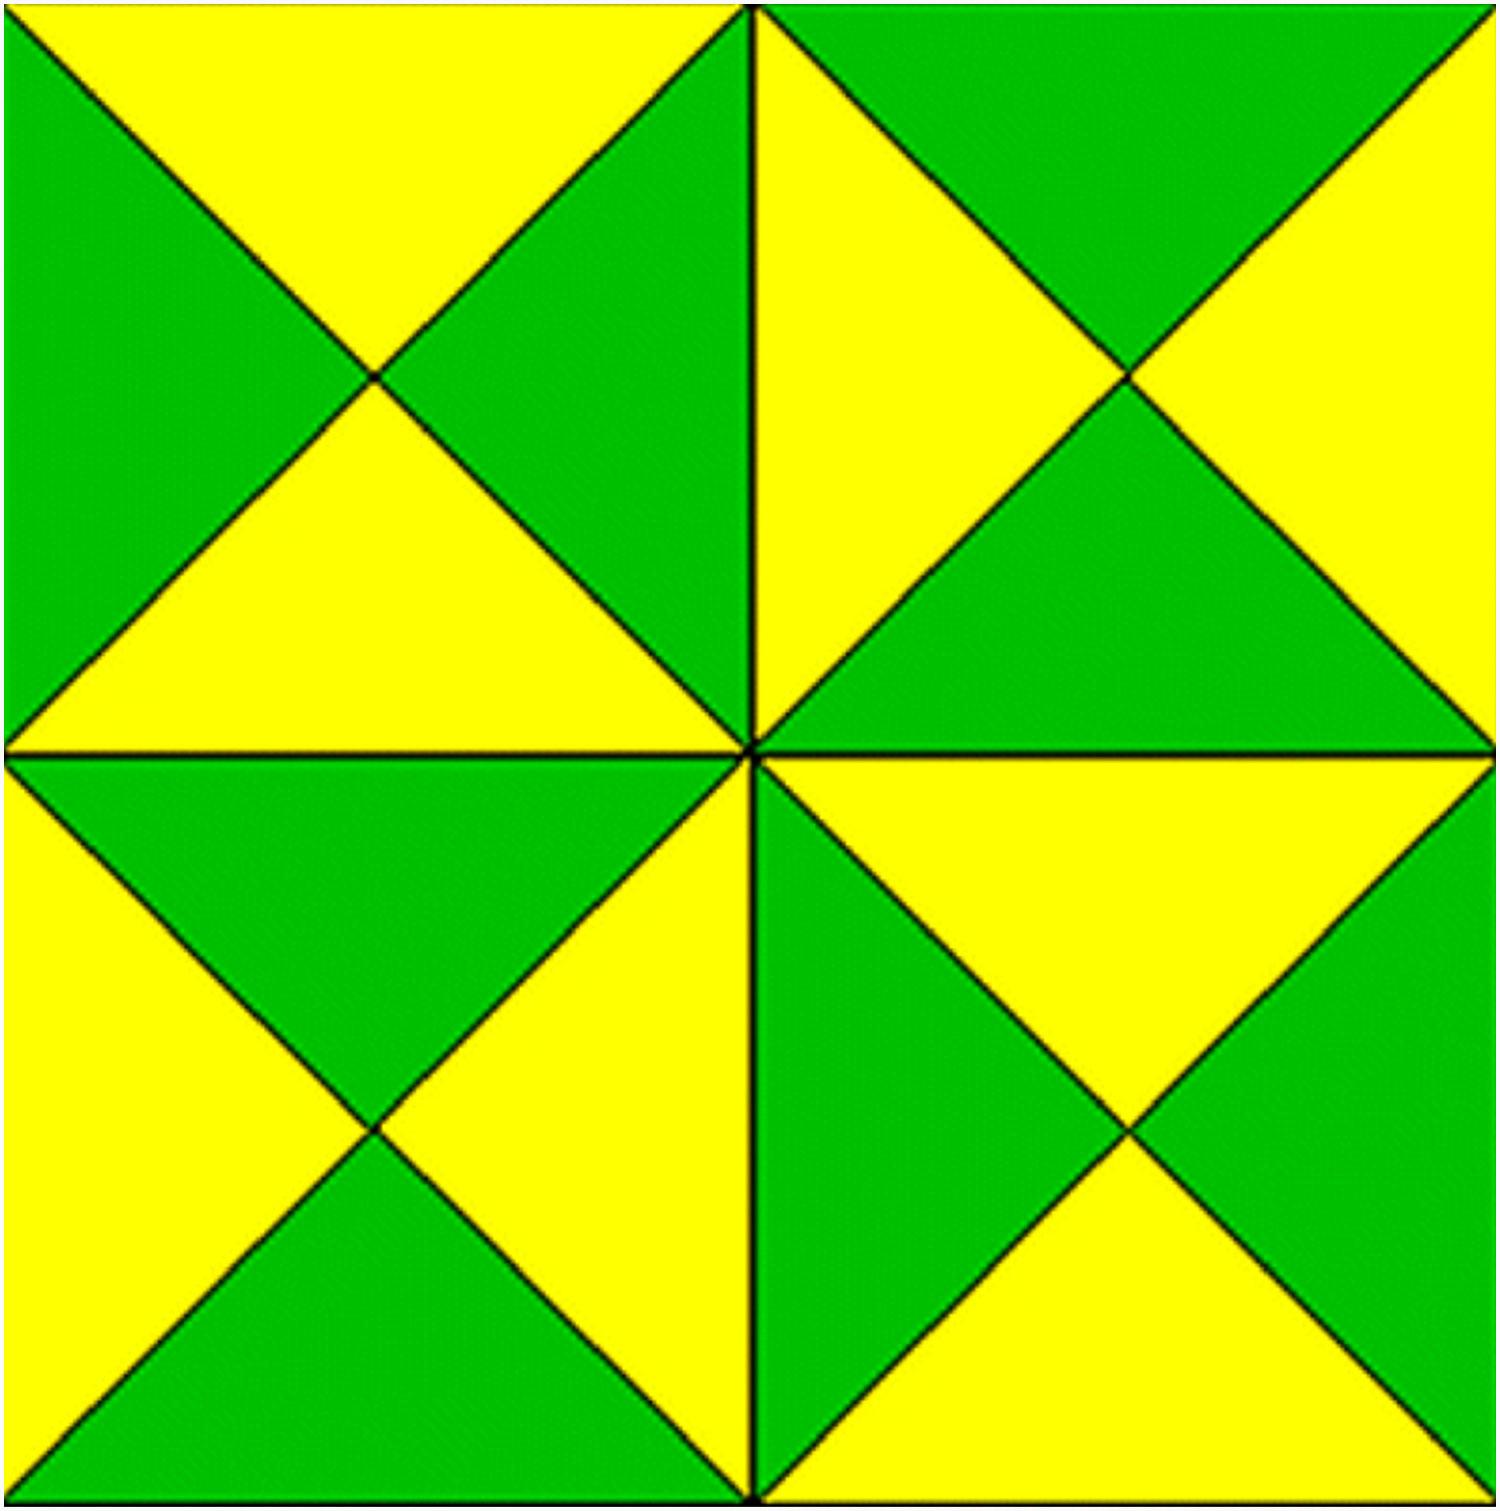 Esto te liará por completo: ¿Cuántos triángulos puedes encontrar en esta imagen?